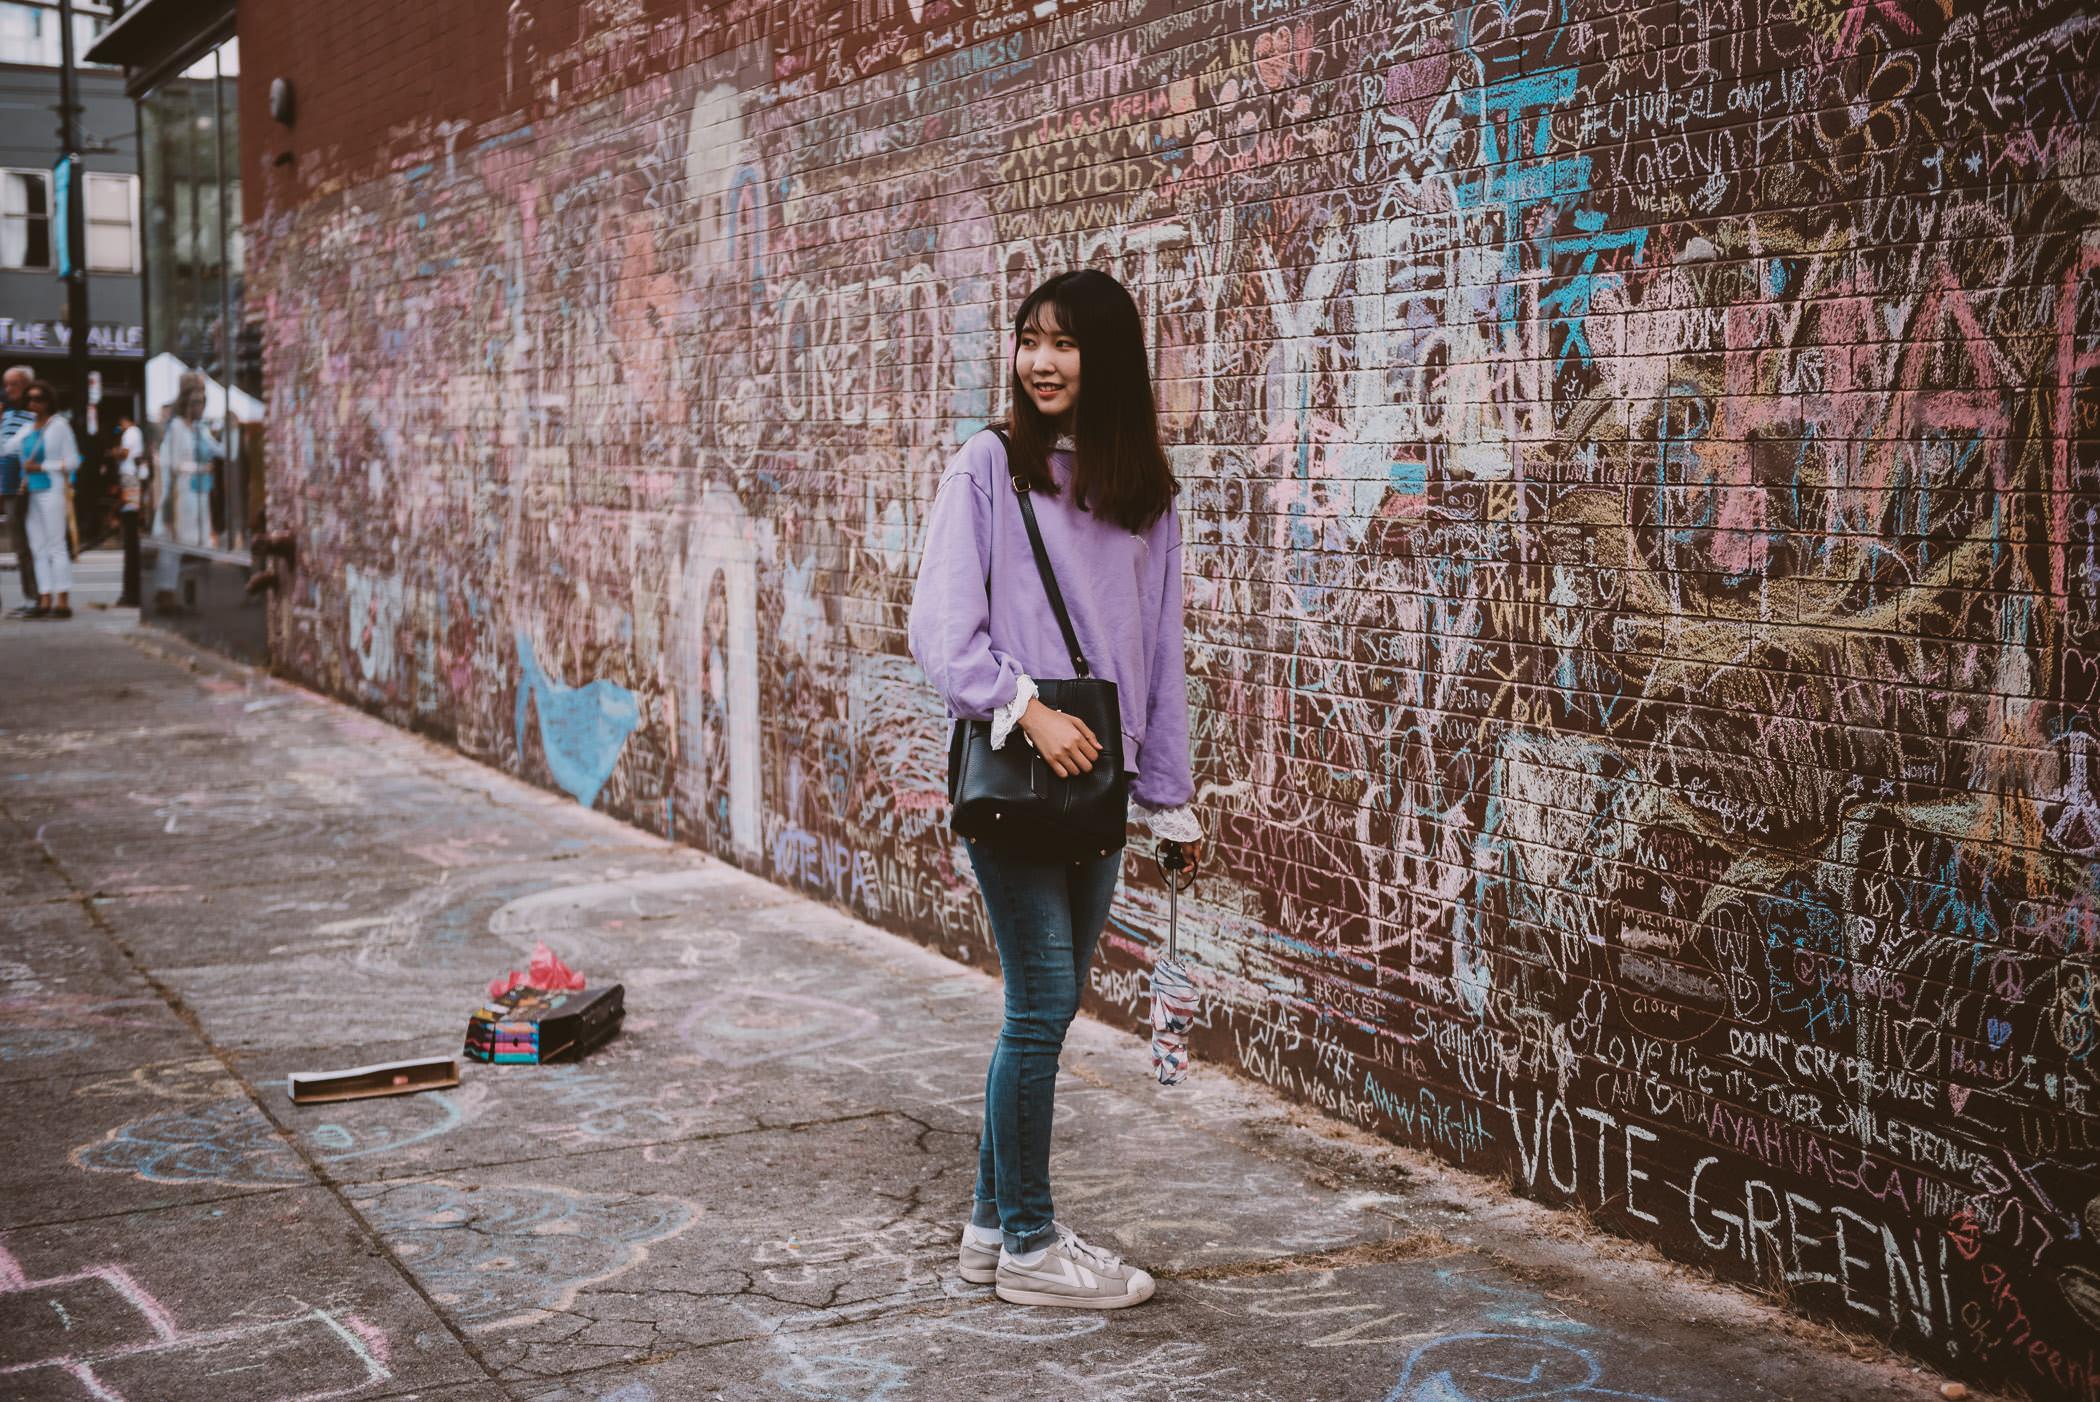 Vancouver_Mural_Fest-Do604-Timothy_Nguyen-20180811-239.jpg